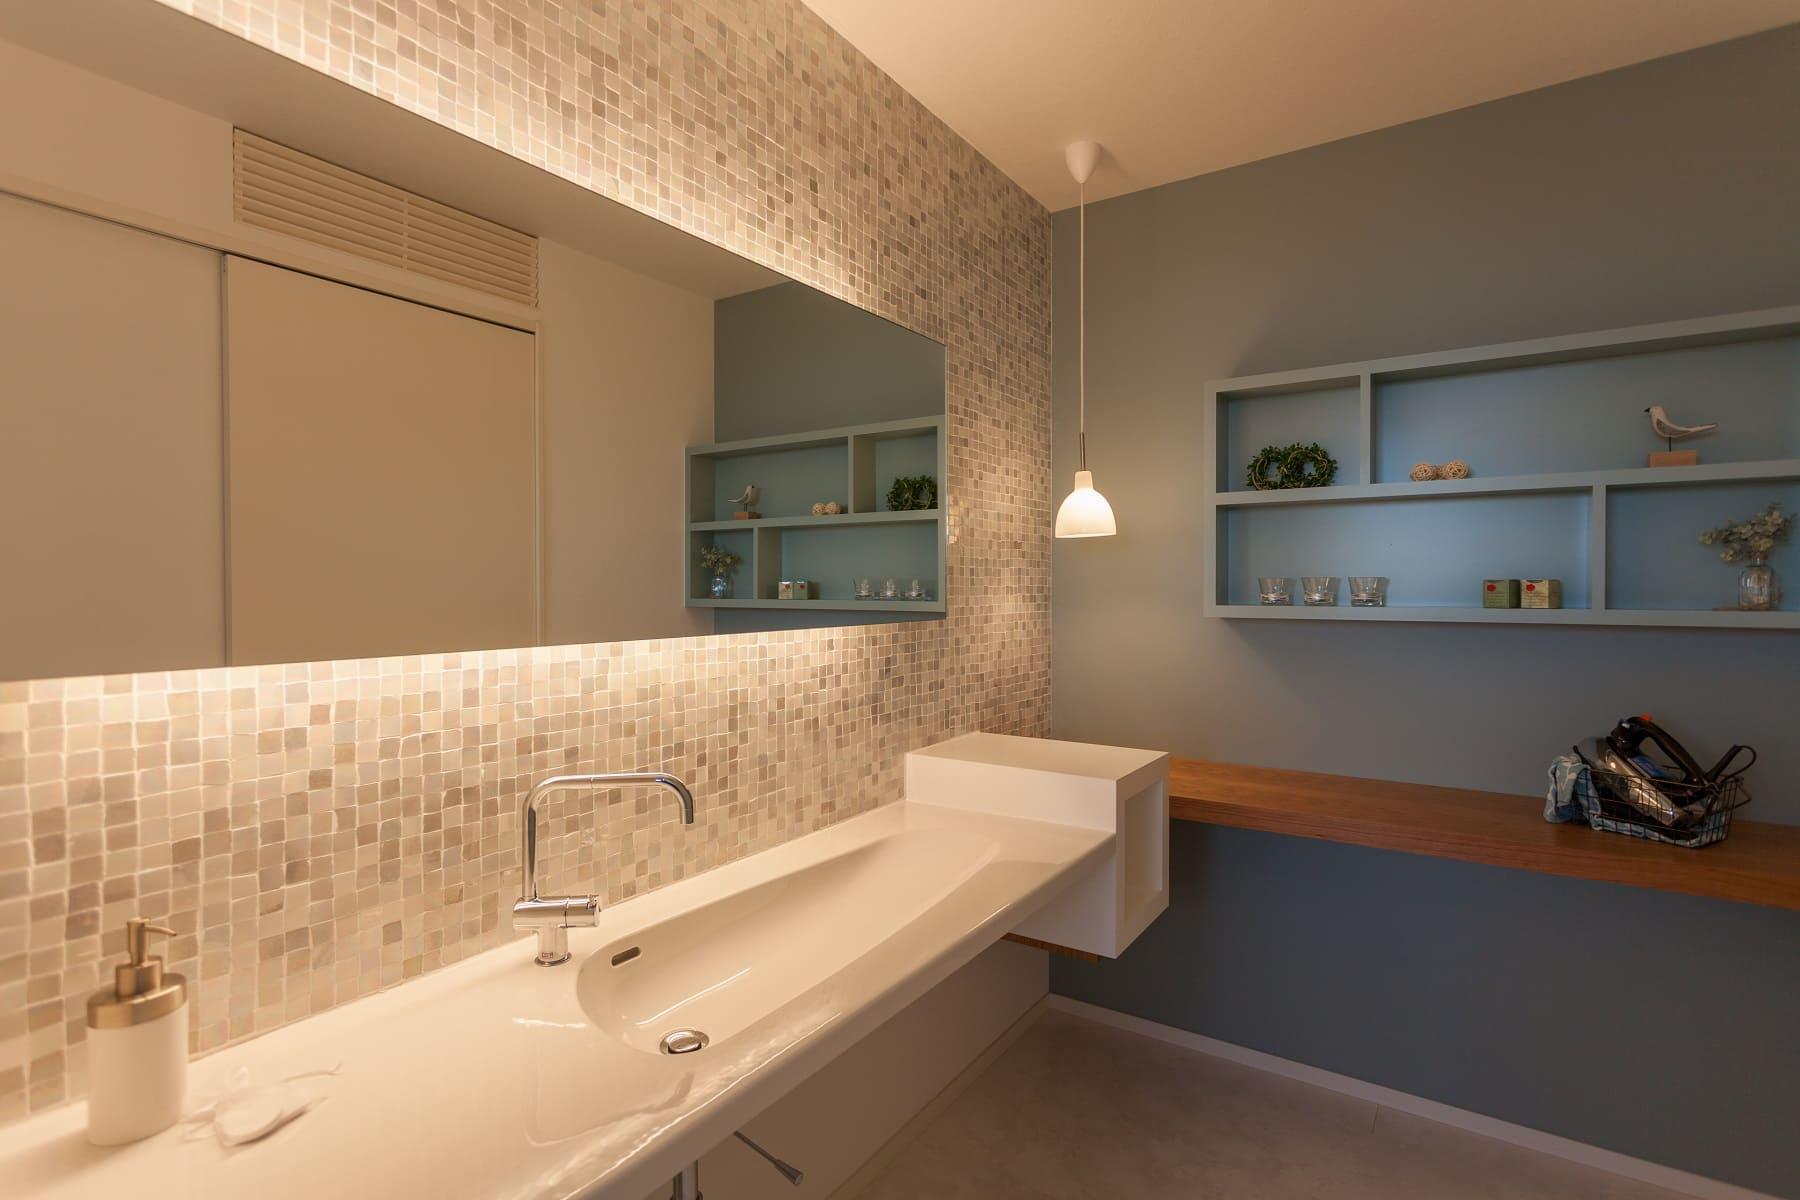 高級感のある美しいガラスタイルを貼った洗面室。アイロンがけスペースもございます。